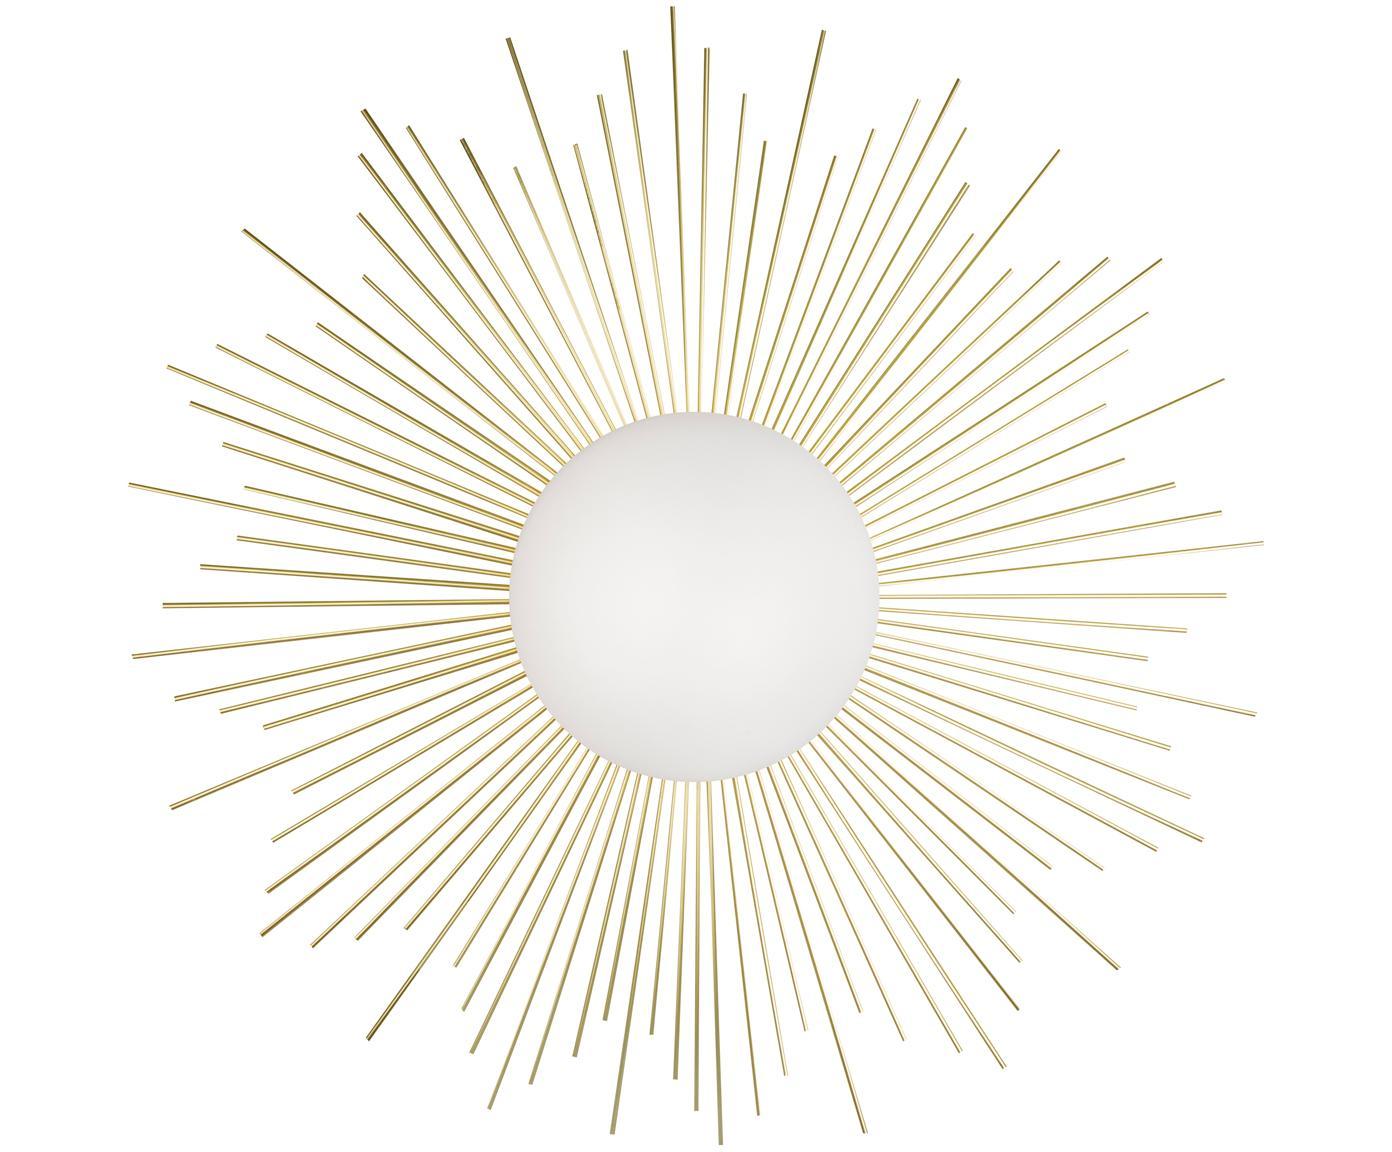 Wandleuchte Shimy mit Stecker, Gestell: Messing, Lampenschirm: Glas, Messing, Weiß, Ø 56 x T 11 cm